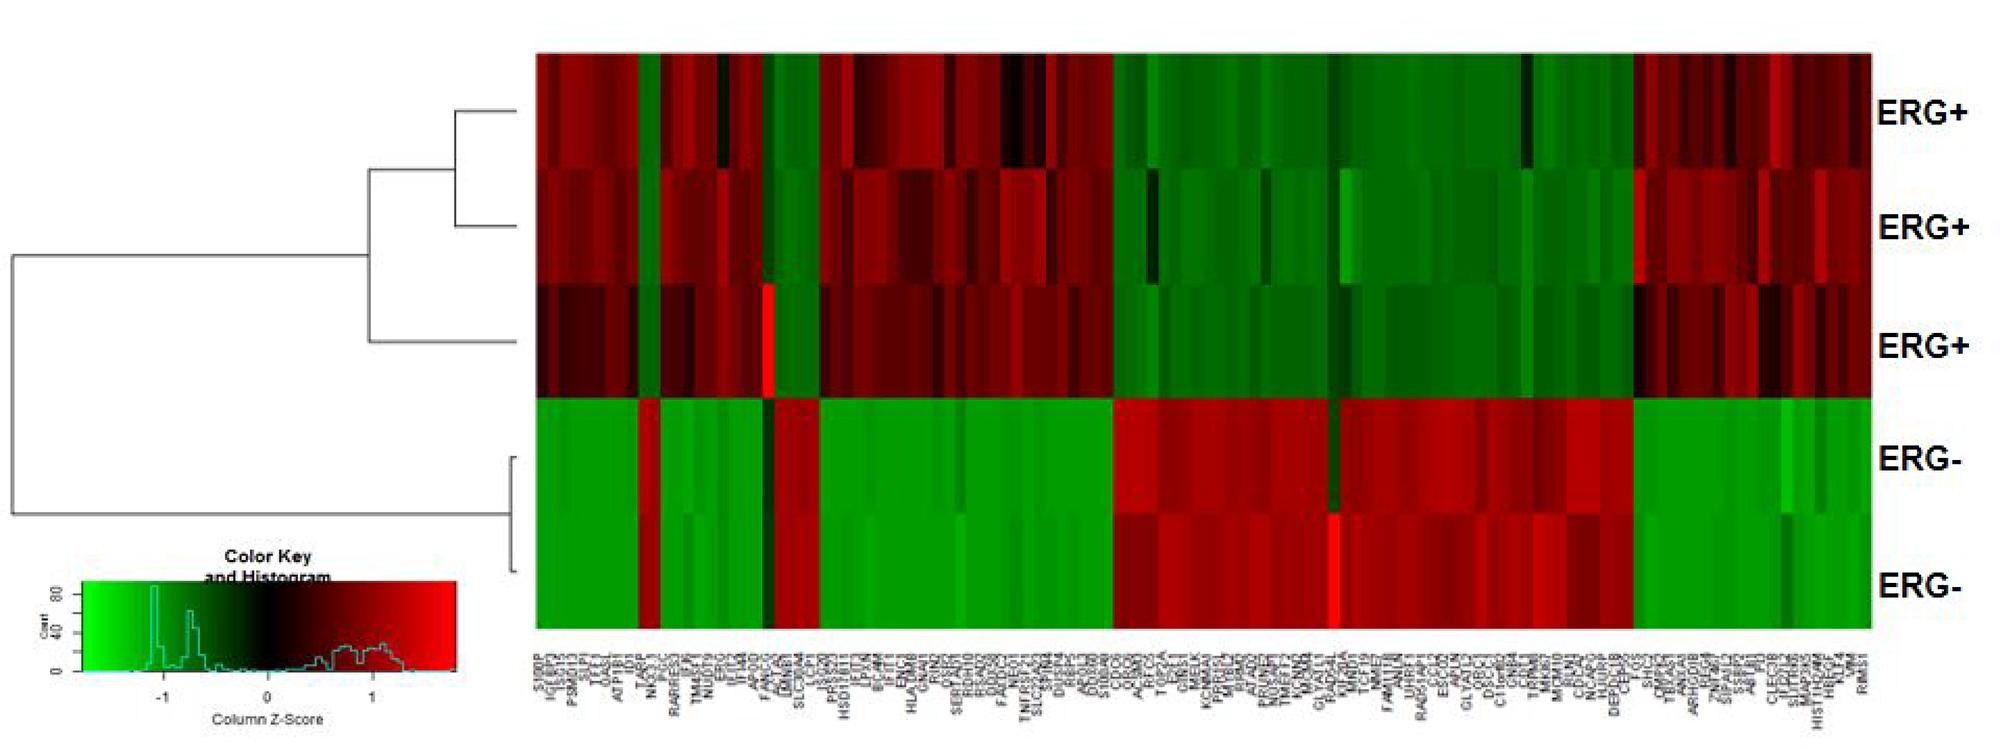 ERG-associated transcripts in CaP cells.